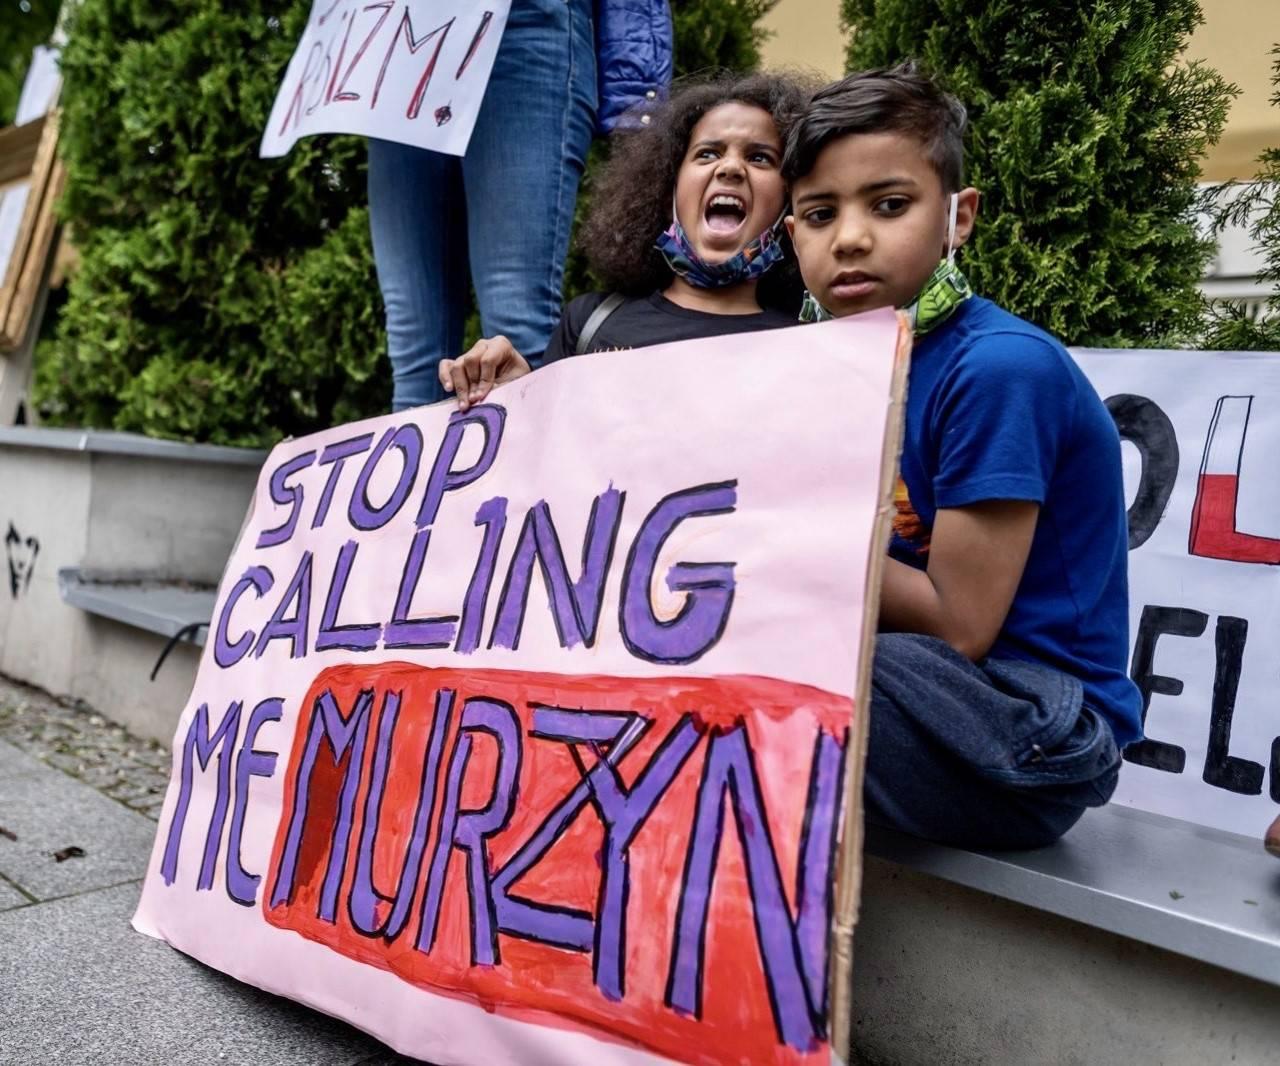 Akcja przeciwko rasizmowi Stop calling me Murzyn. Przemoc rówieśnicza w szkole.